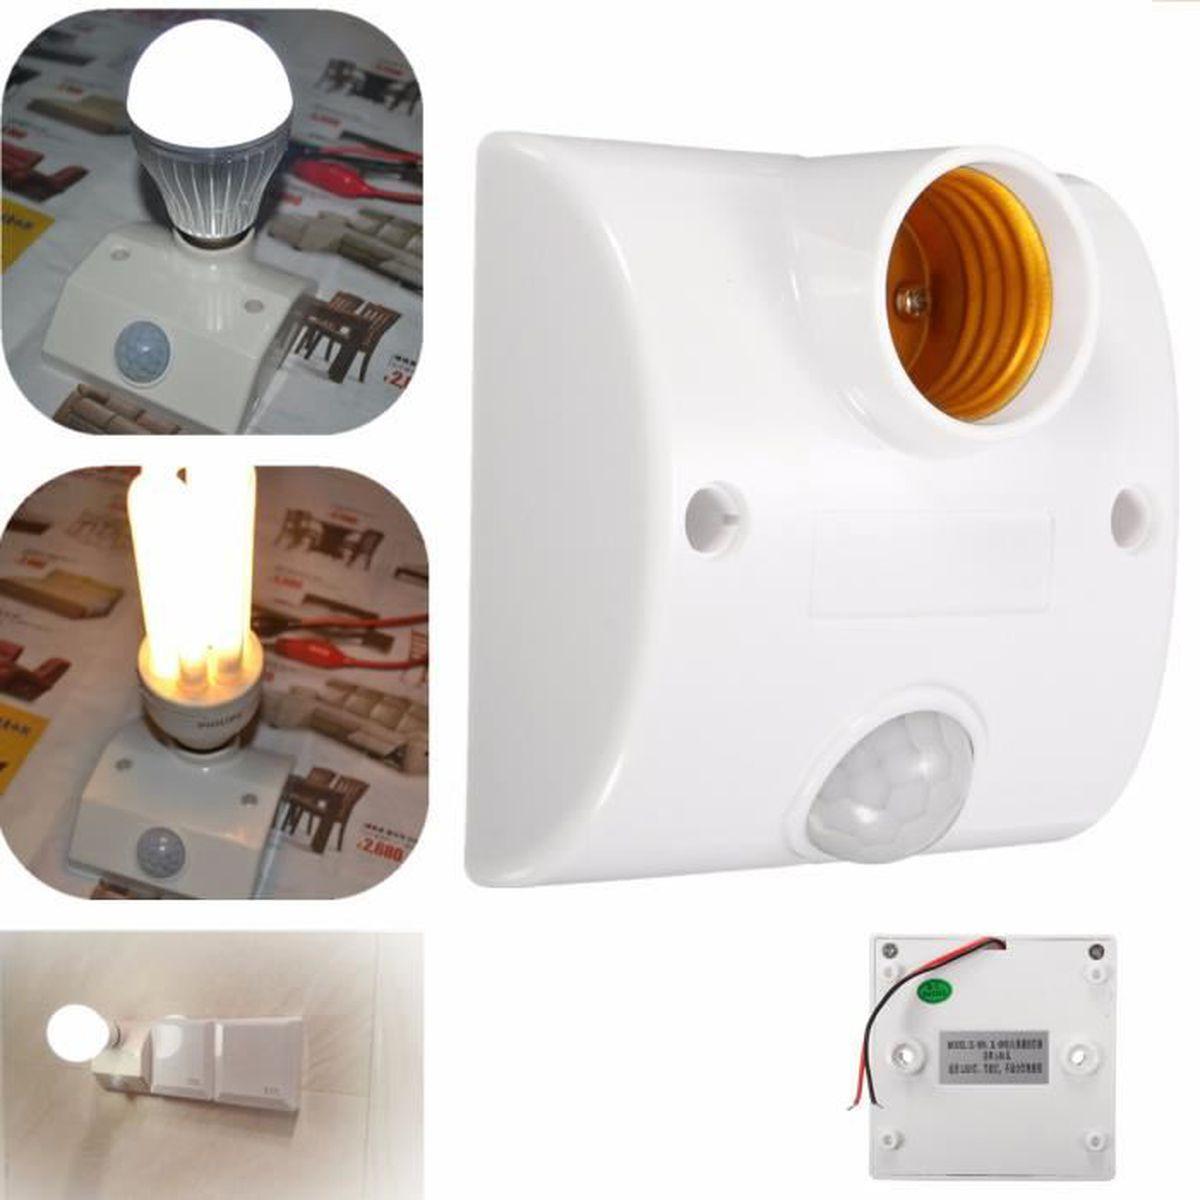 Auto Mouvement E27 Lampe Détecteur Capteur Interrupteur De Culot Infrarouge Led bvY6f7gy